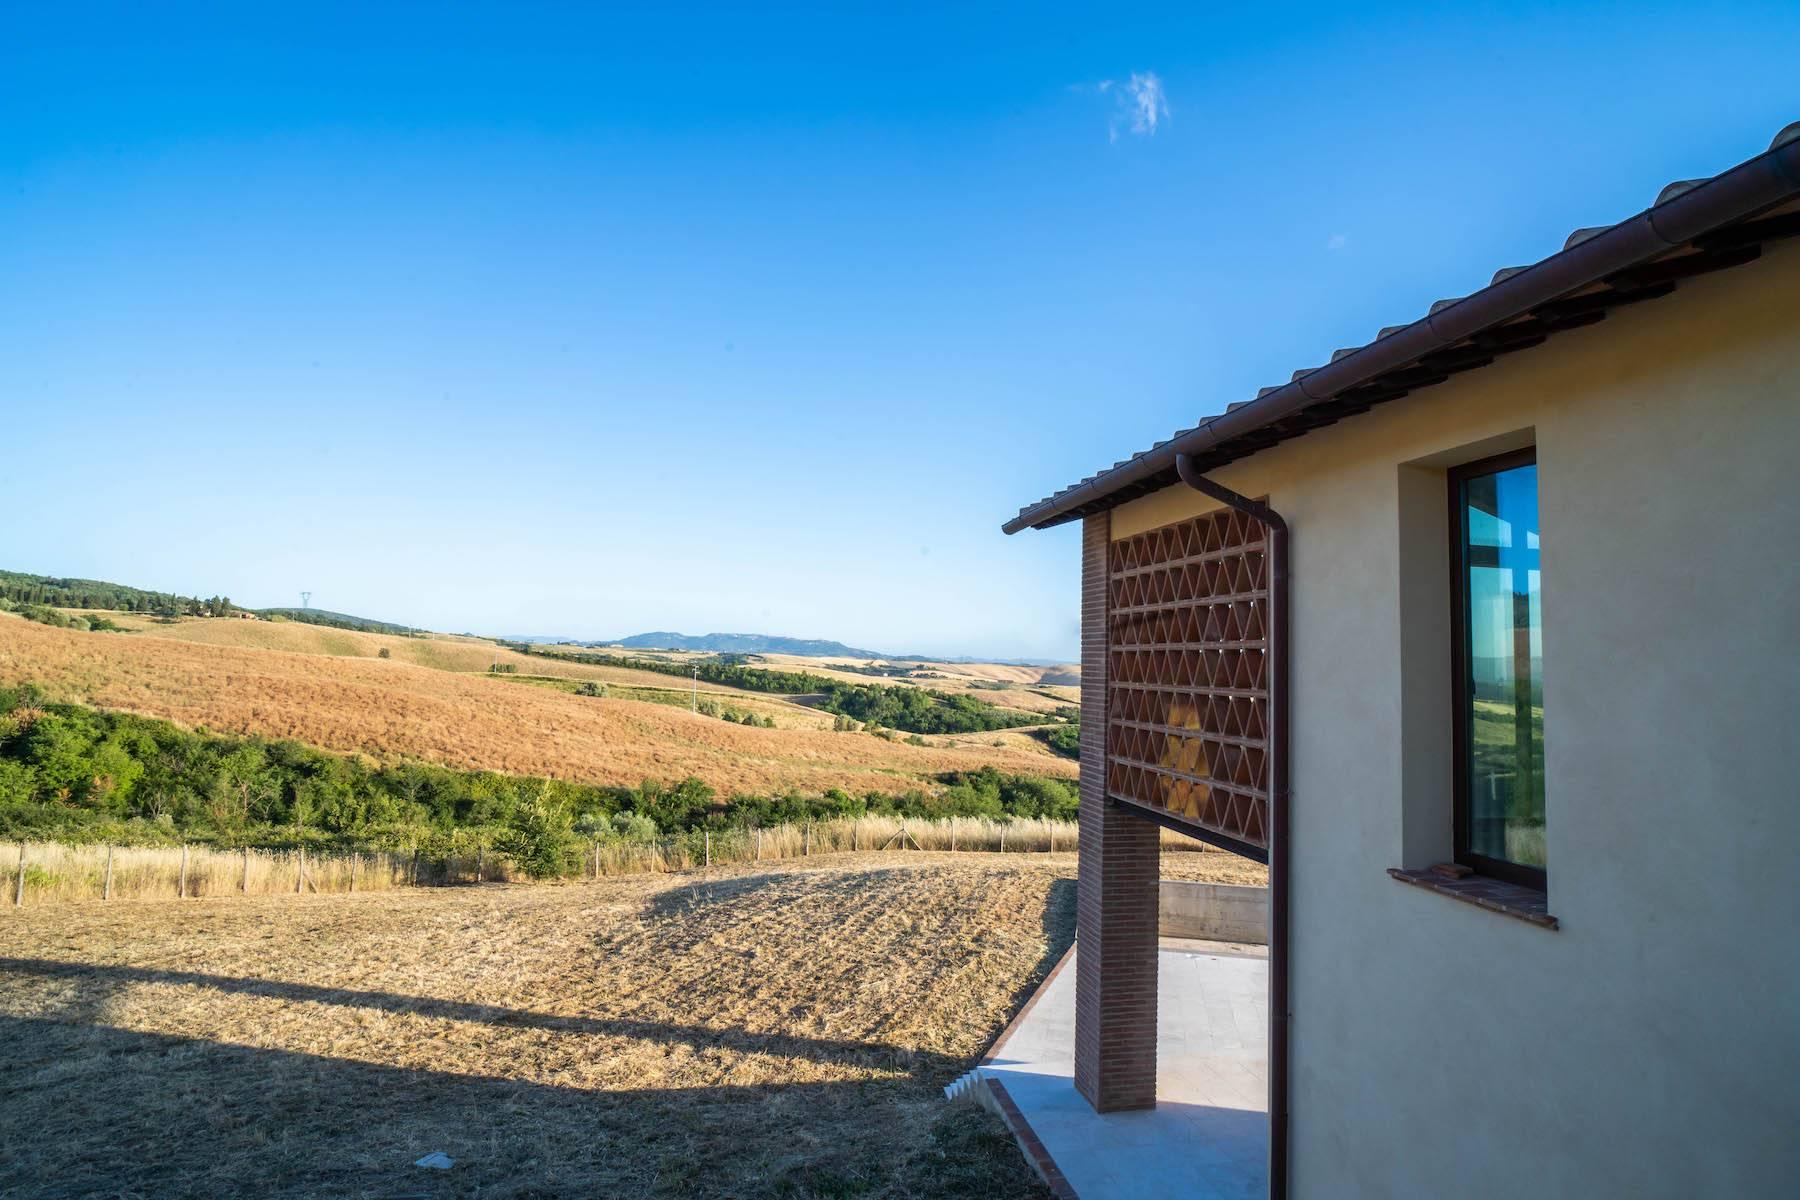 Rustico in Vendita a Montaione: 5 locali, 250 mq - Foto 18